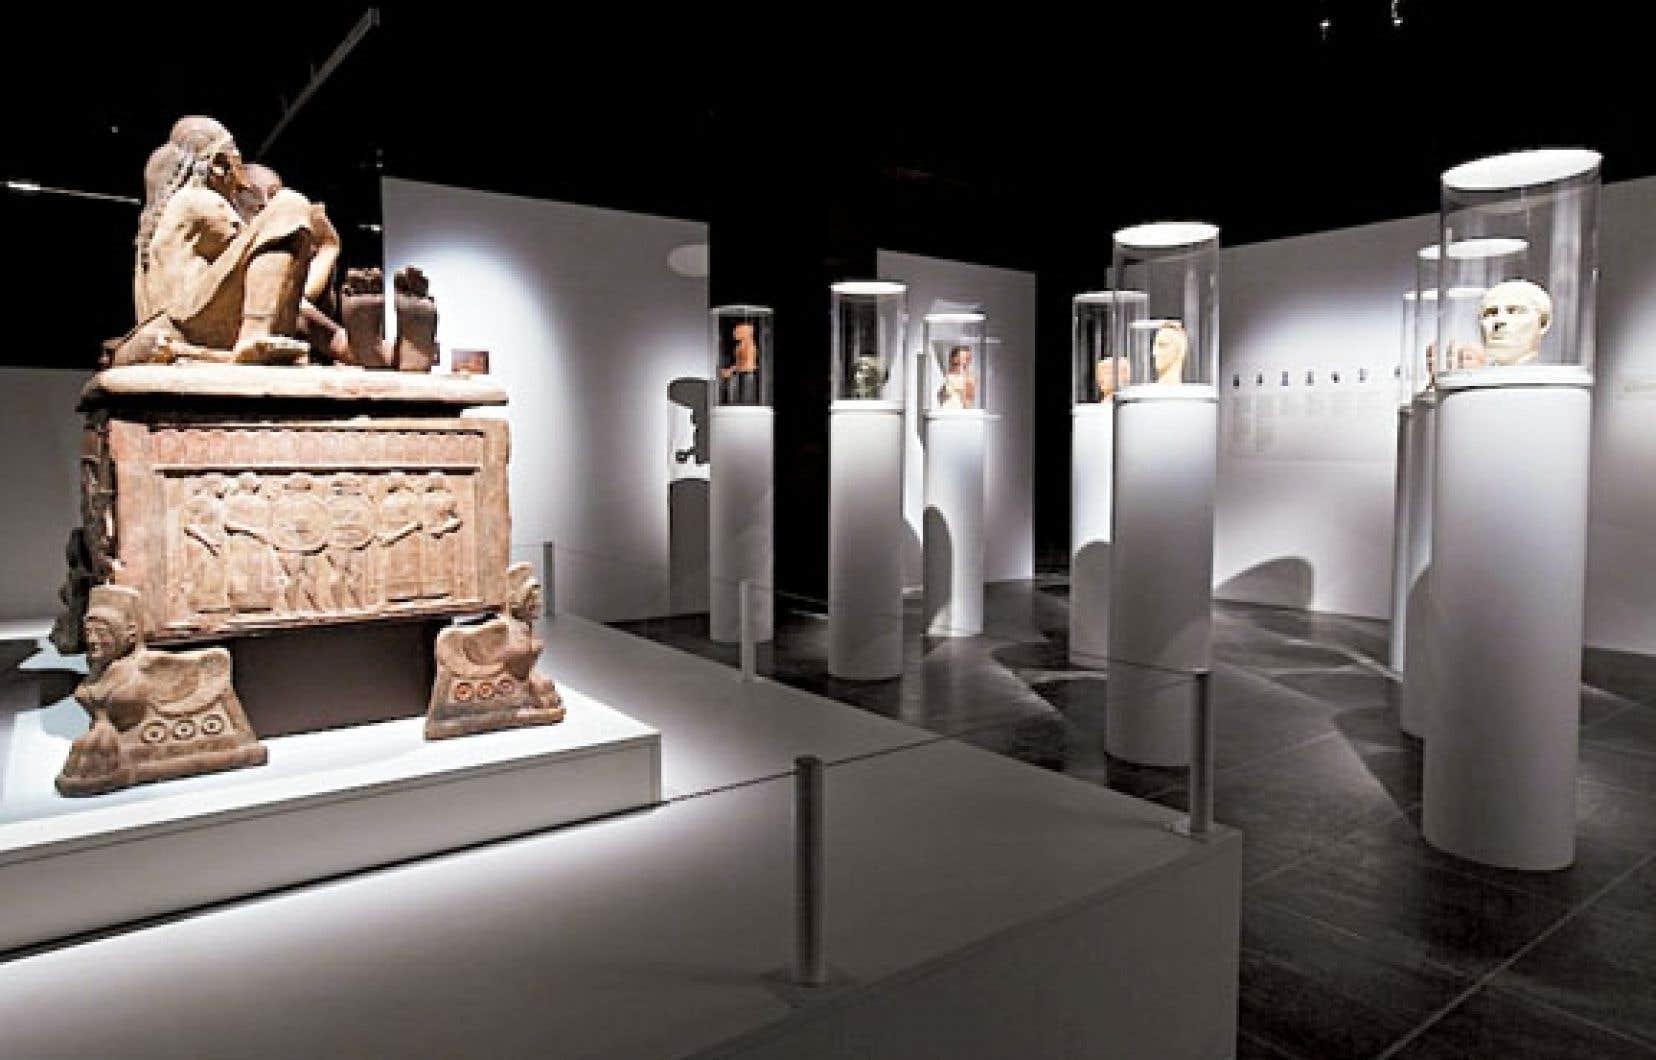 L'exposition réunit 200 pièces empruntées à 25 musées européens et américains, la plupart italiens, puisque le territoire de l'Étrurie correspond à peu près à la Toscane d'aujourd'hui.